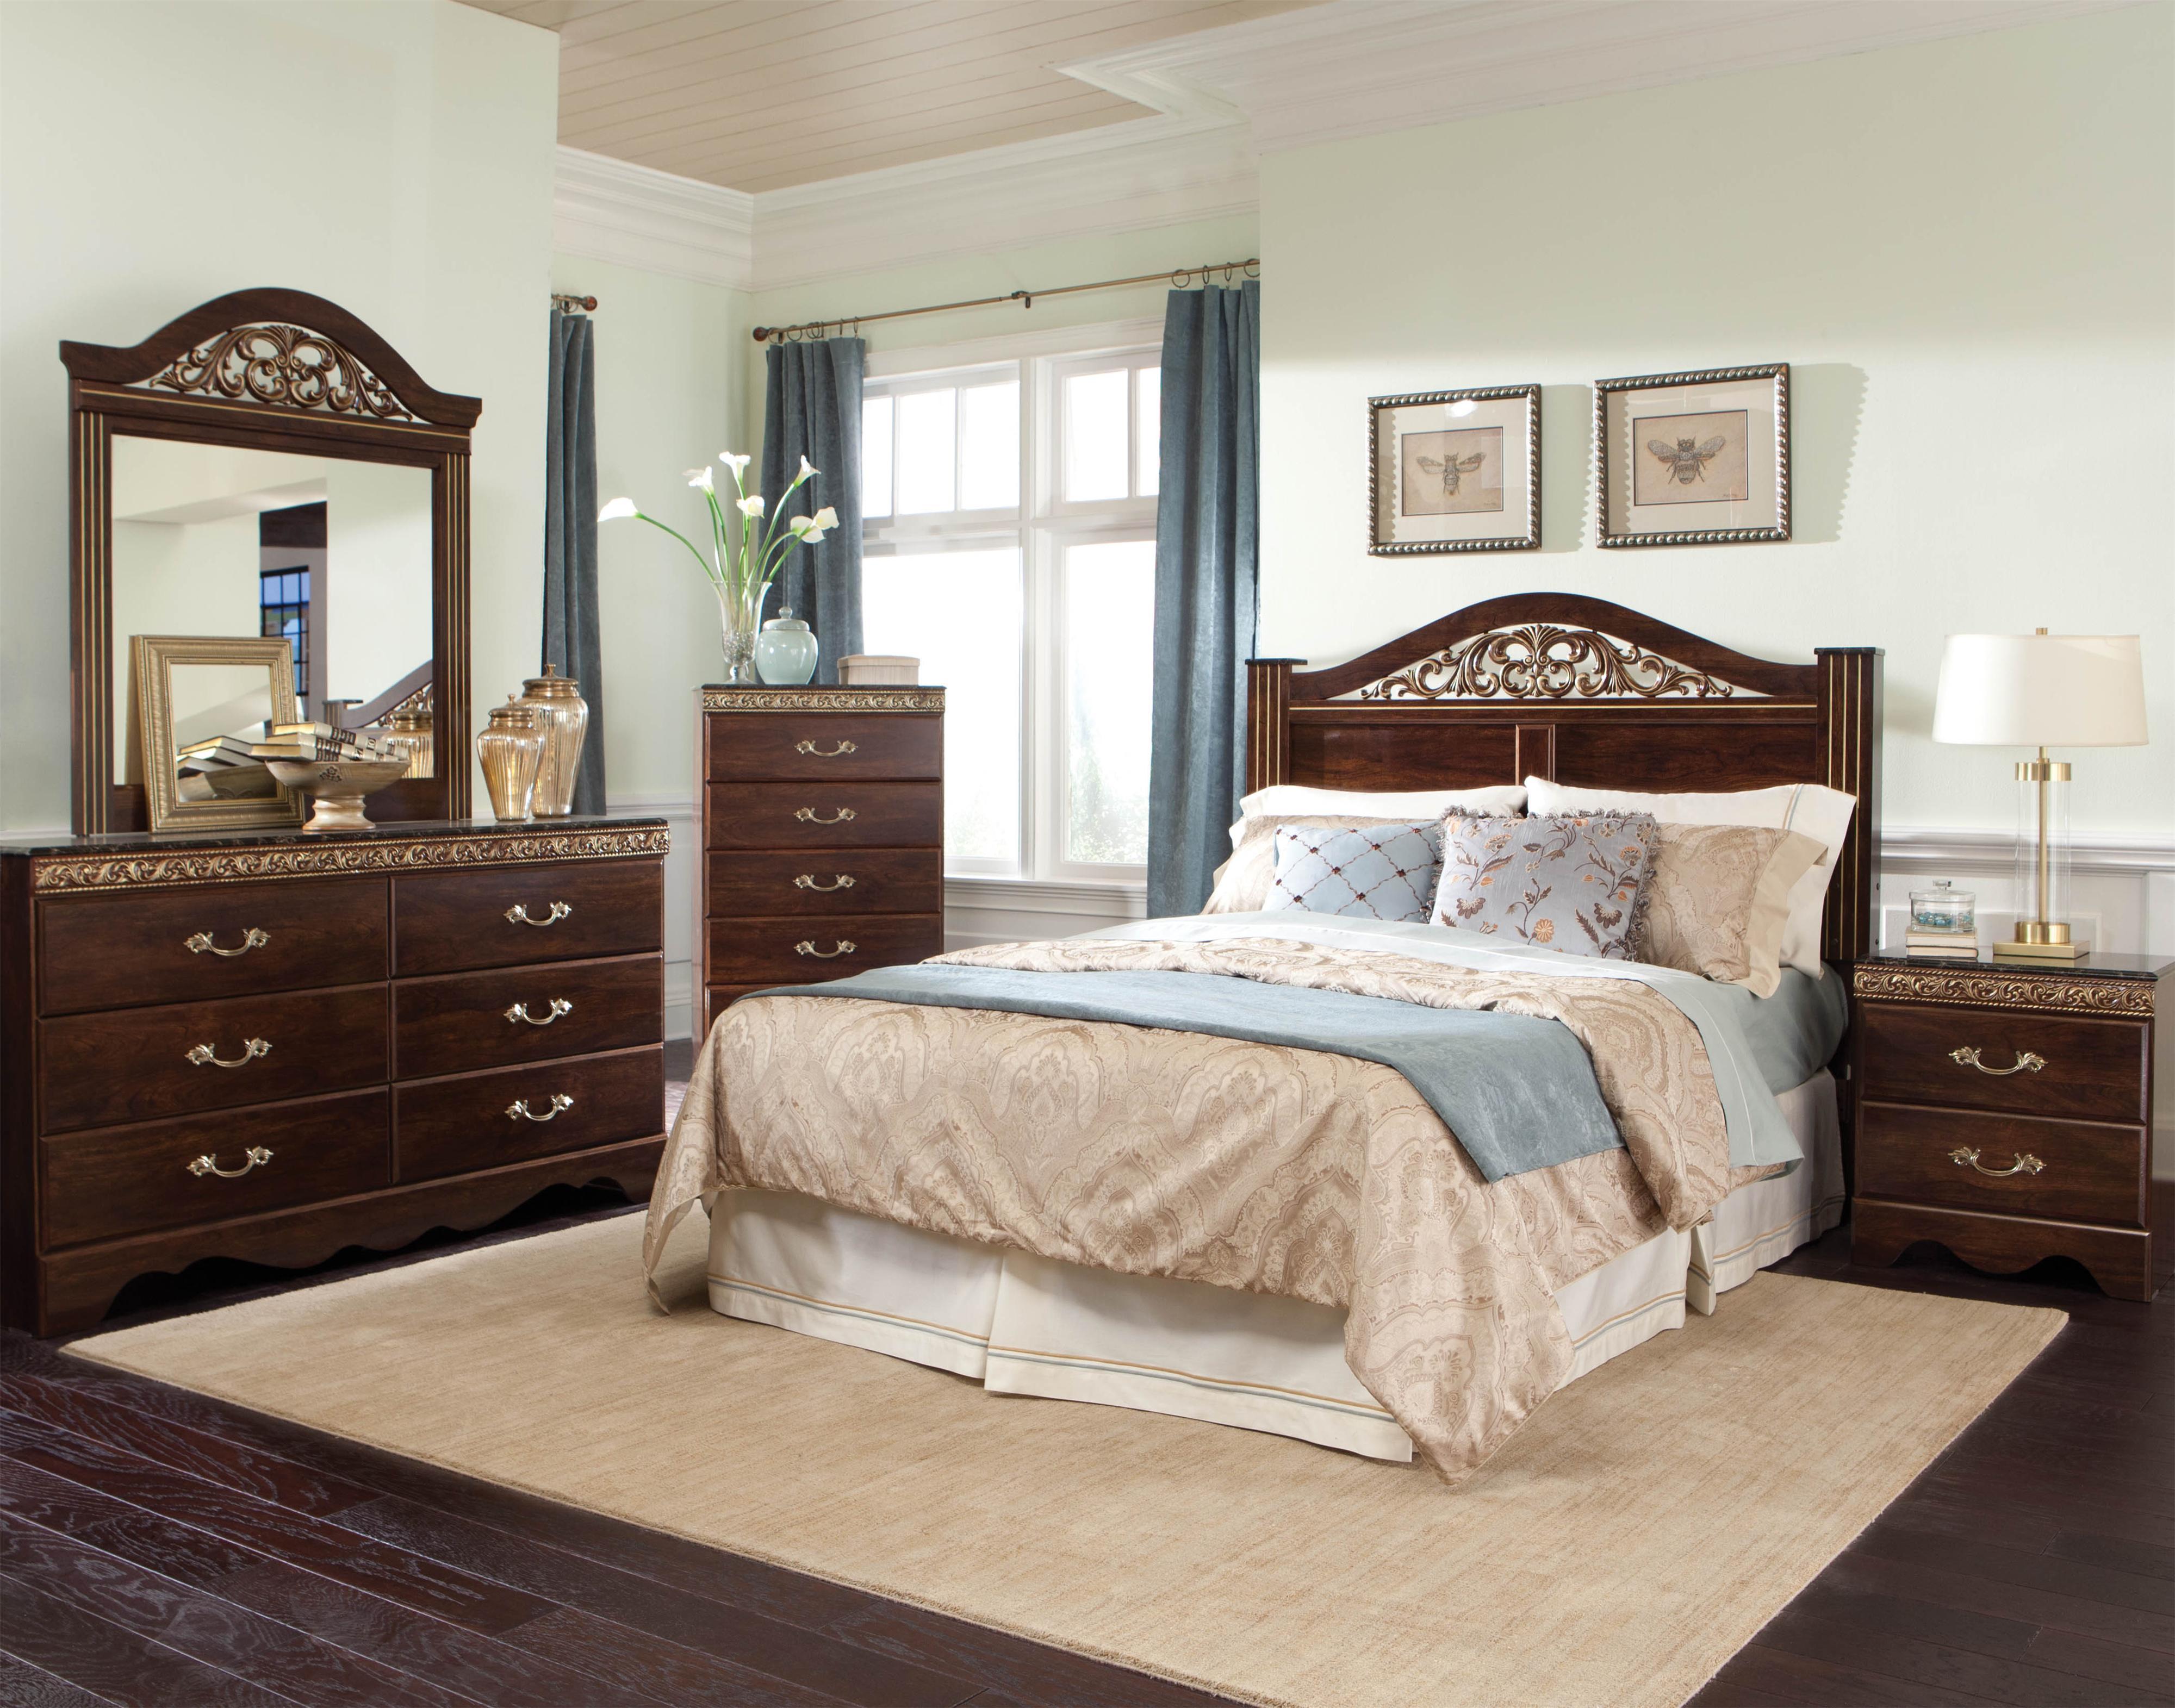 Standard Furniture Odessa King Bedroom Group - Item Number: 69500 King Bedroom Group 2